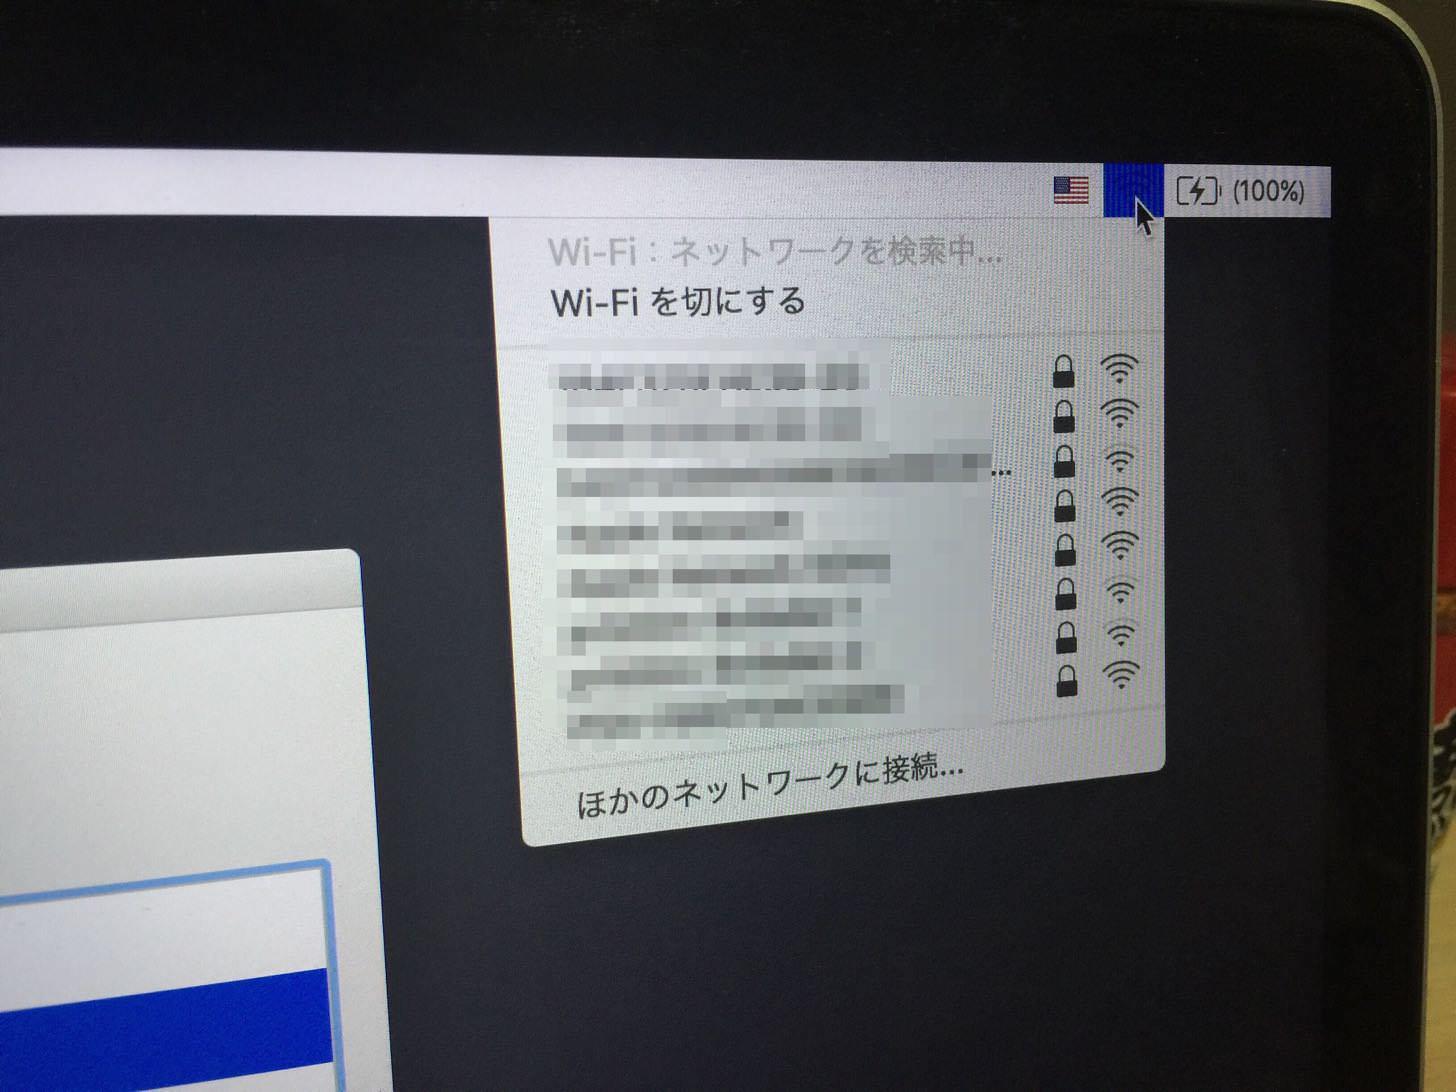 Wi-Fiを接続。